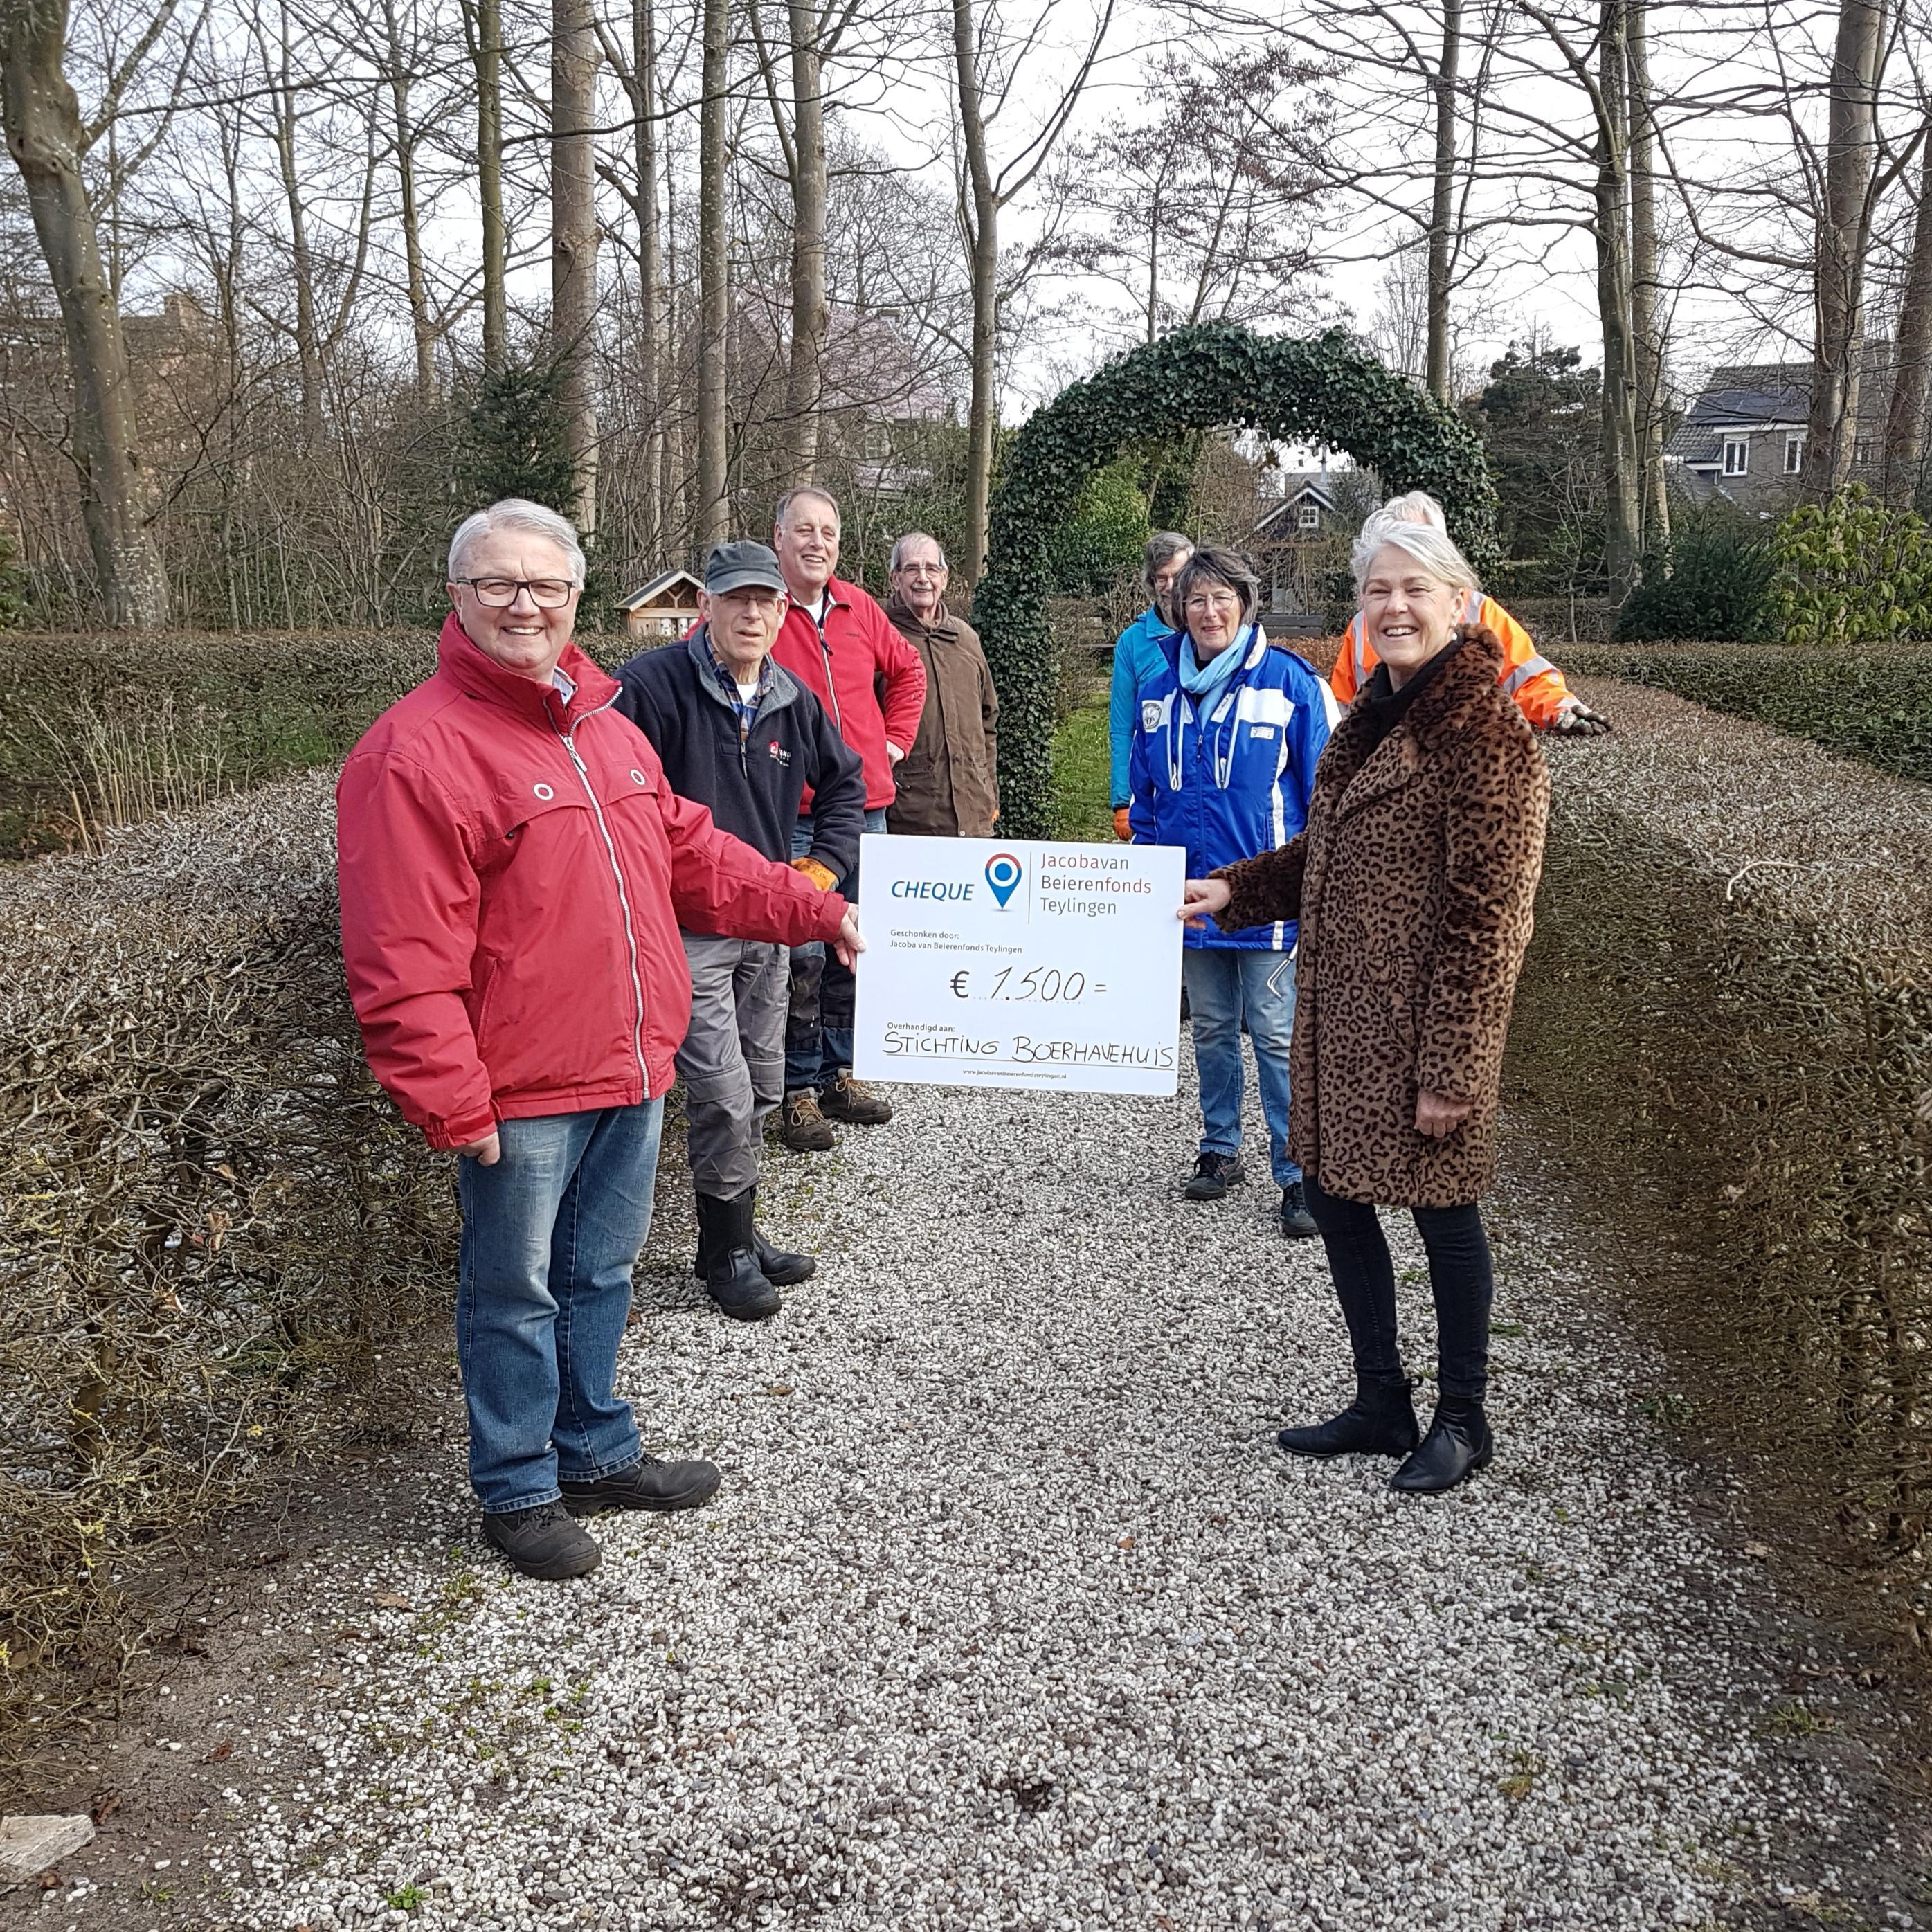 Boerhaavehuis in Voorhout krijgt geld voor nieuwe buxus